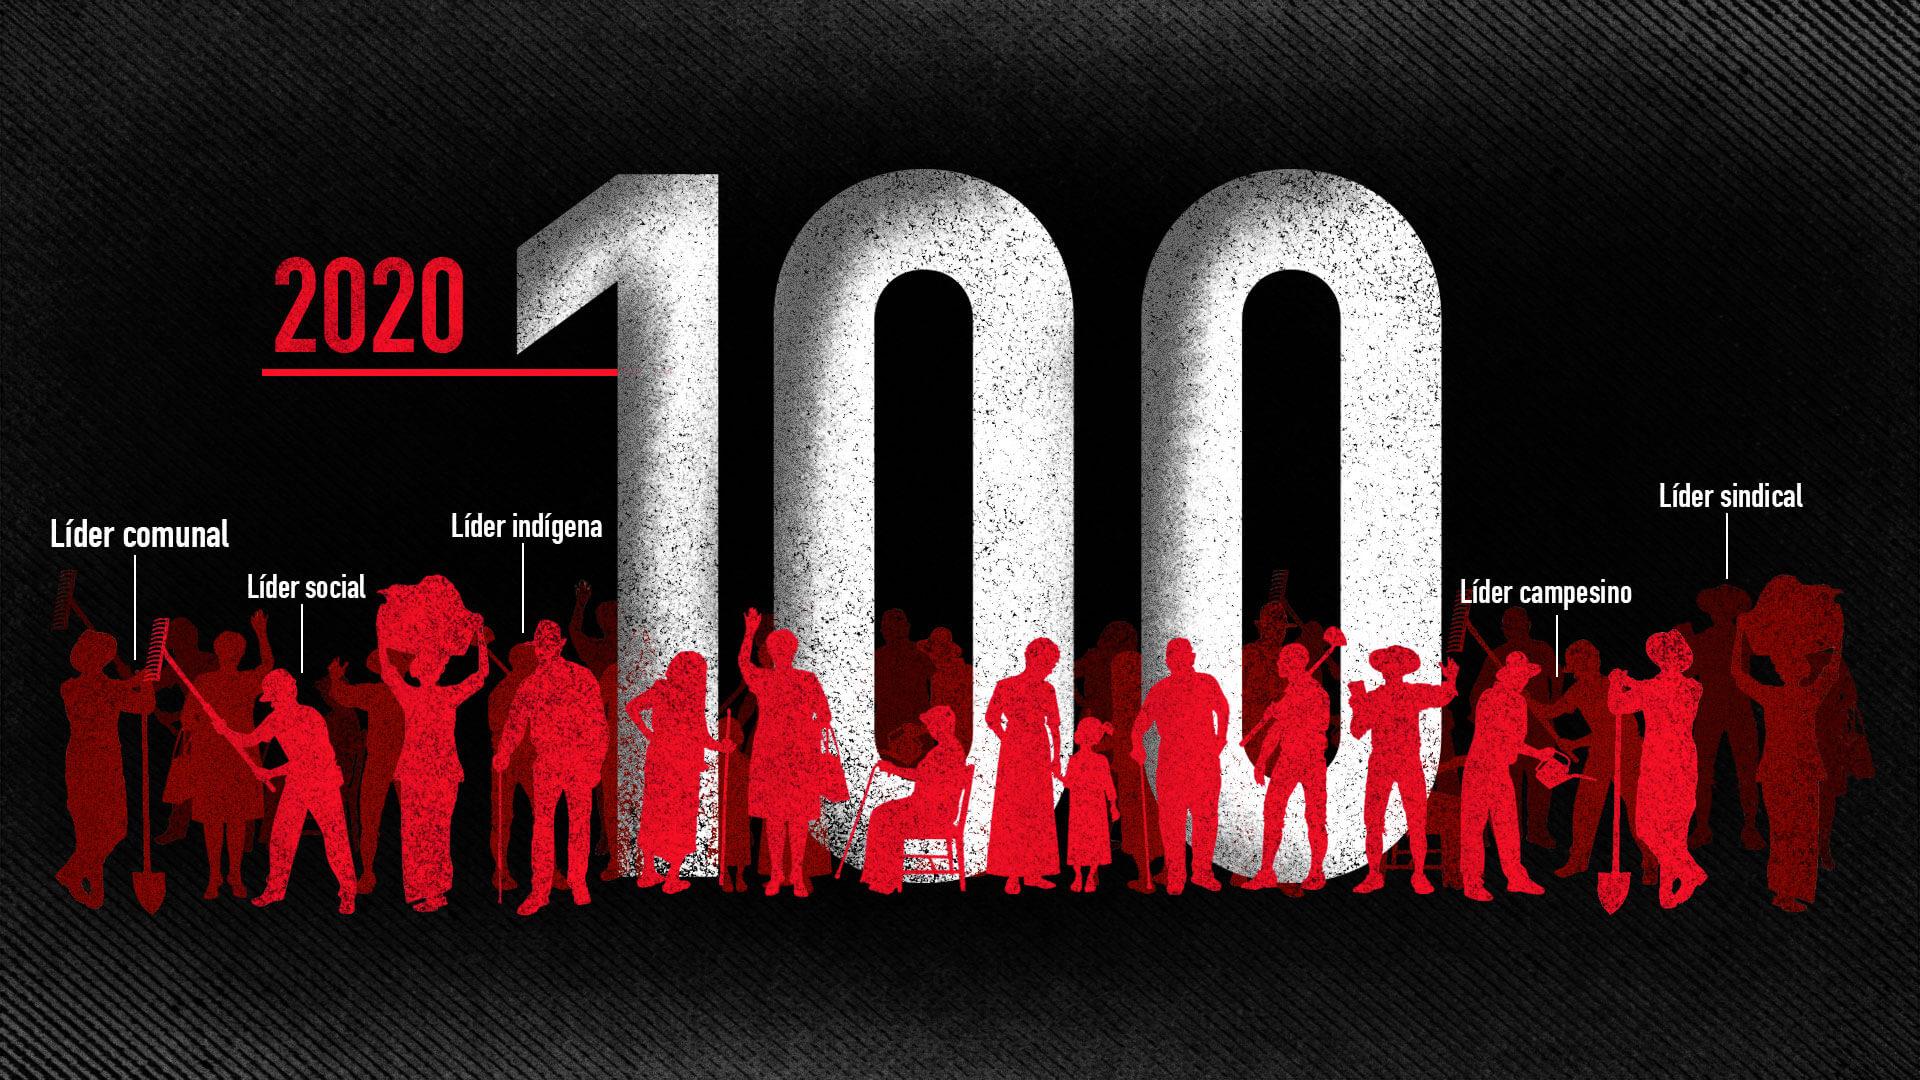 No es ni mitad de año y ya van 100 líderes sociales asesinados en 2020